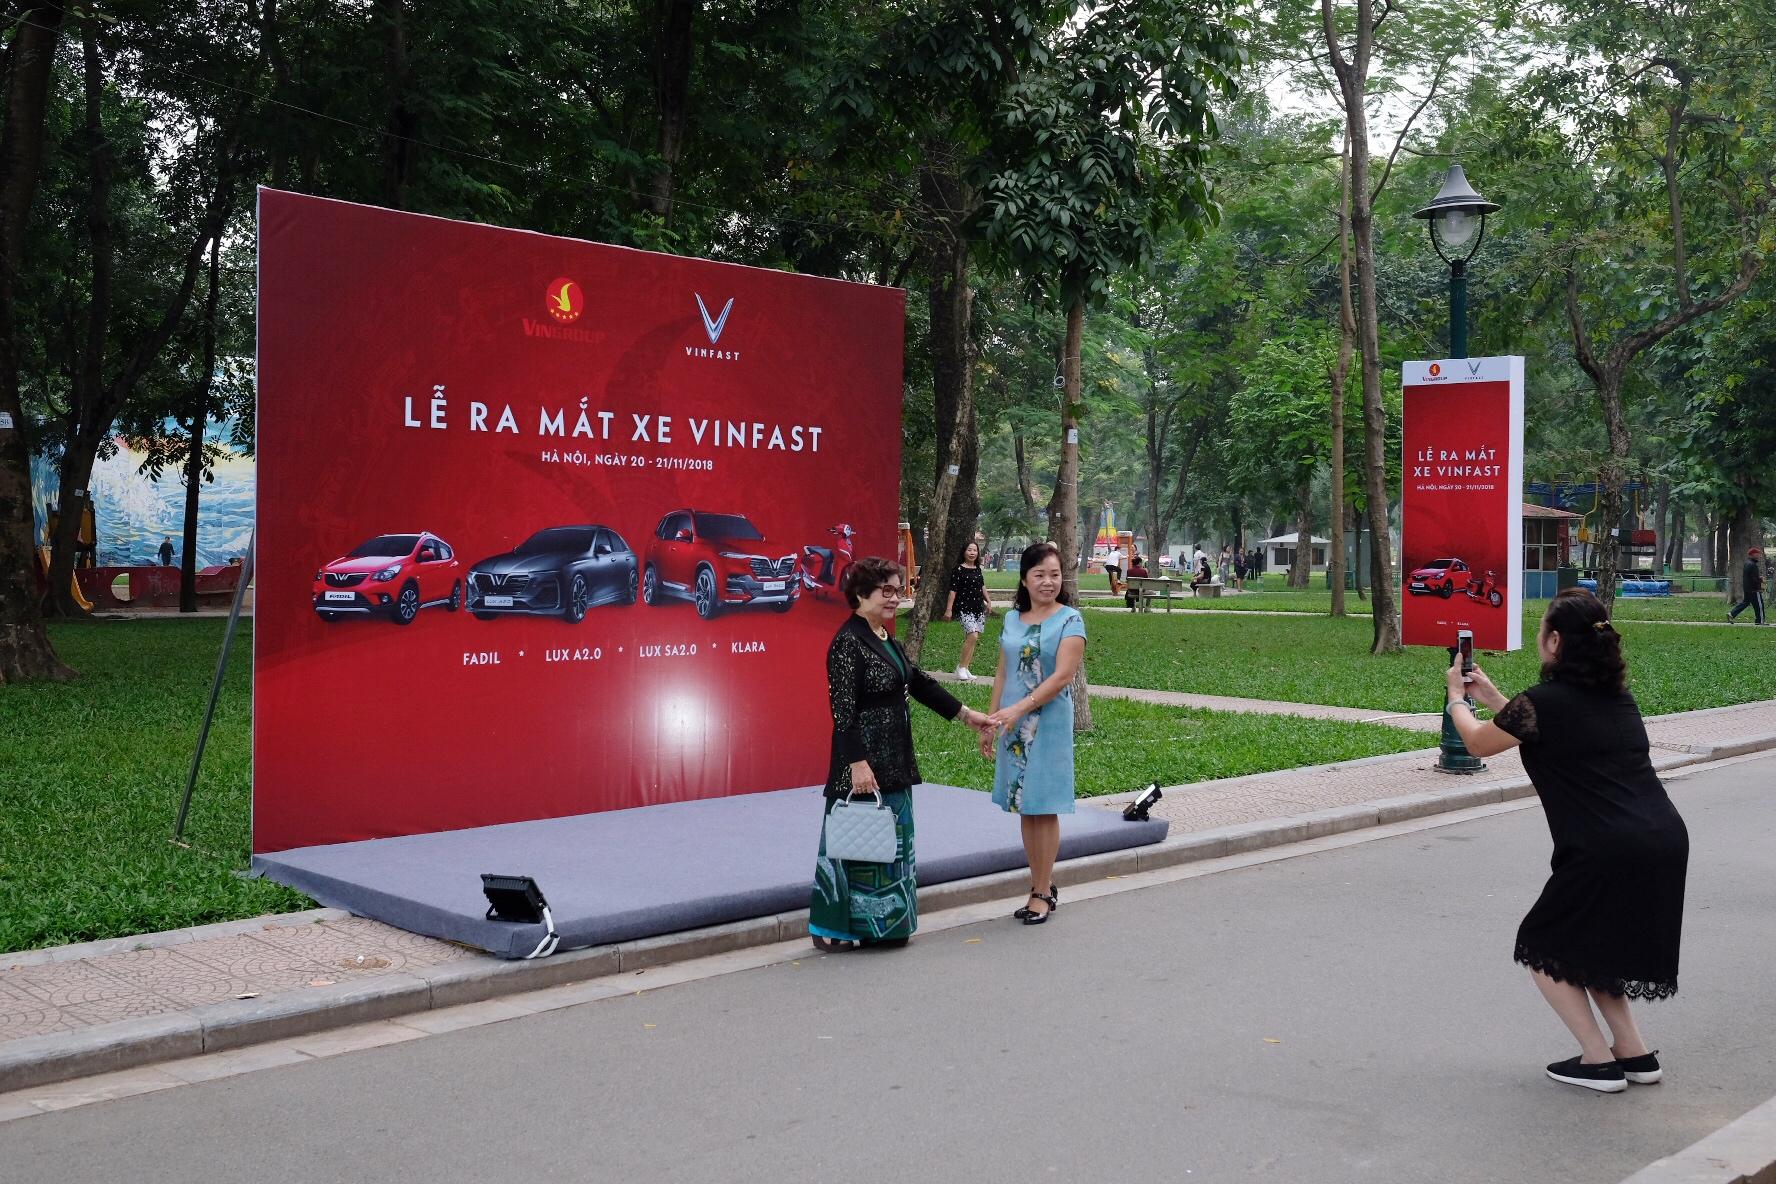 Những hình ảnh mới nhất của ô tô Vinfast chuẩn bị lễ ra mắt tại Hà Nội 6